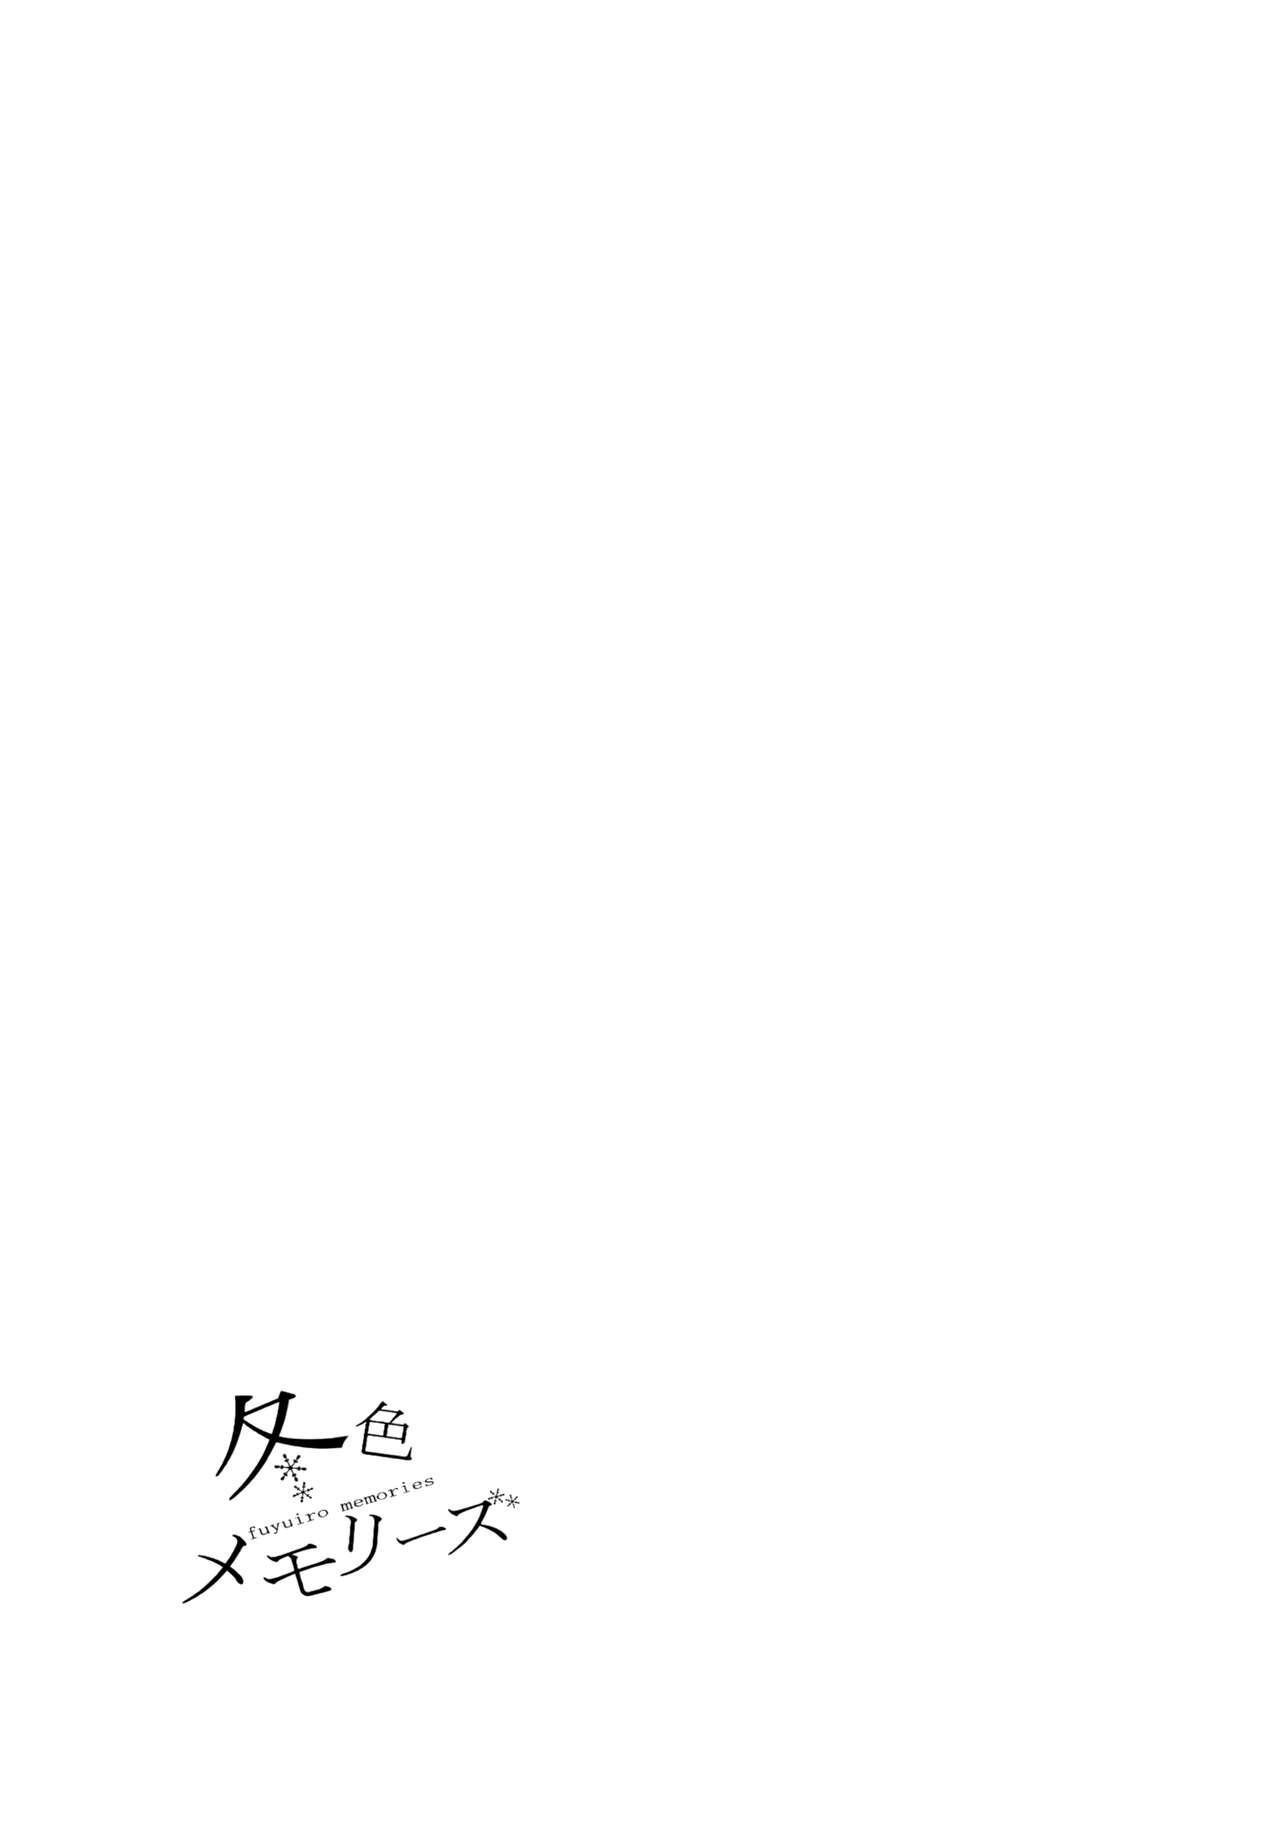 Fuyuiro Memories - Winter Color Memories 183